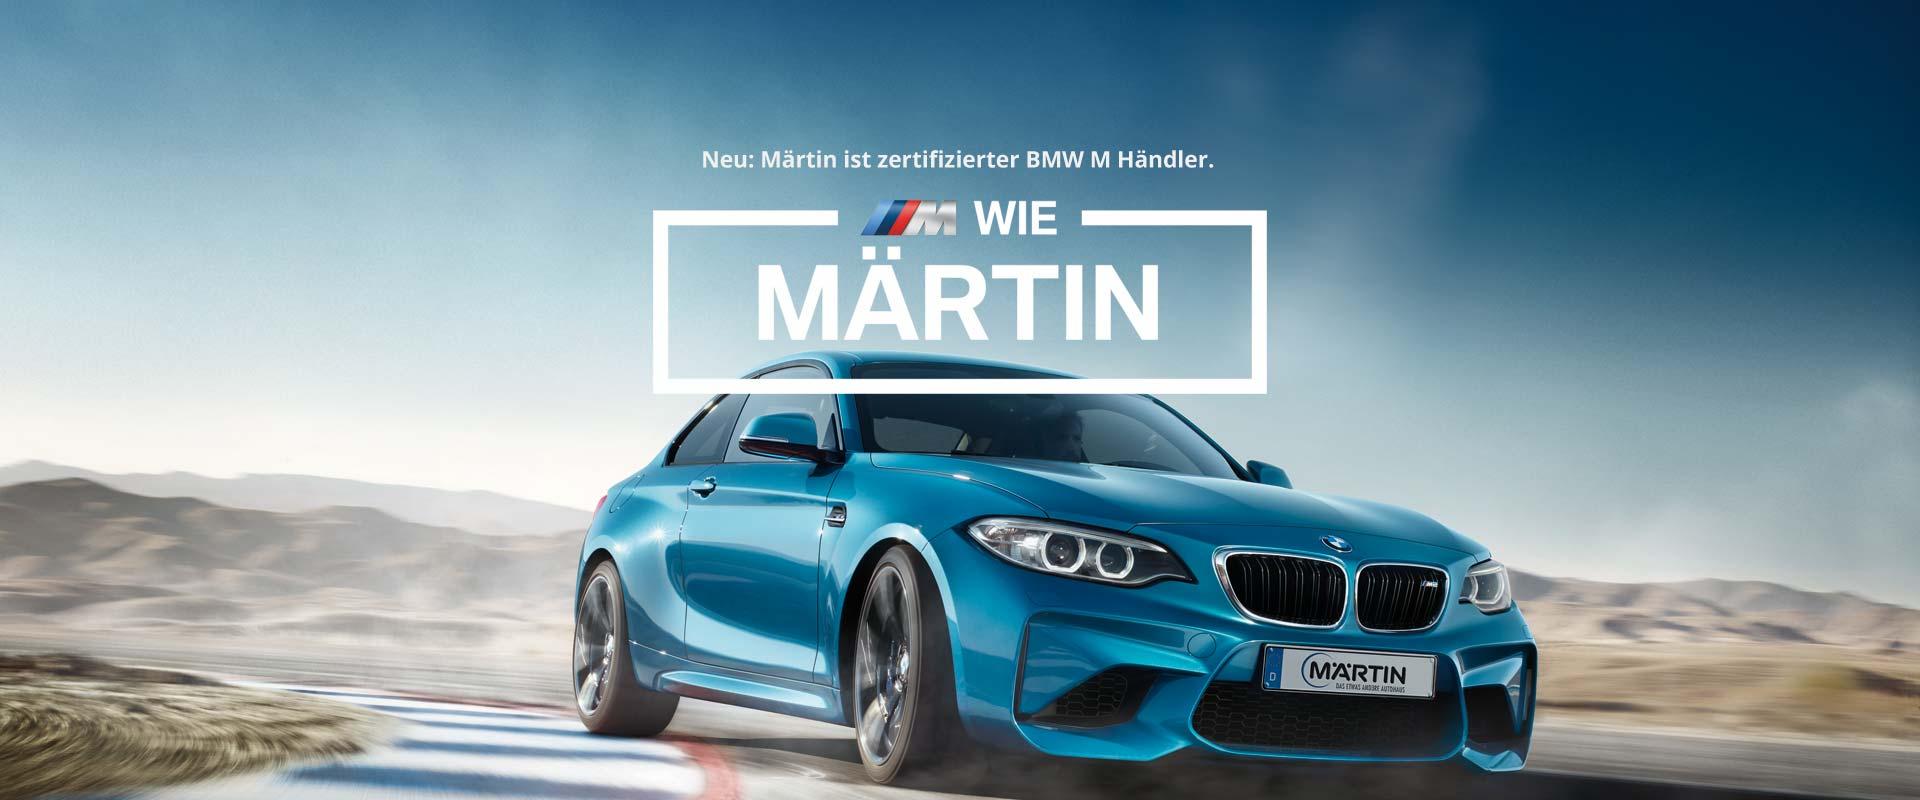 BMW M bei Märtin in Freiburg